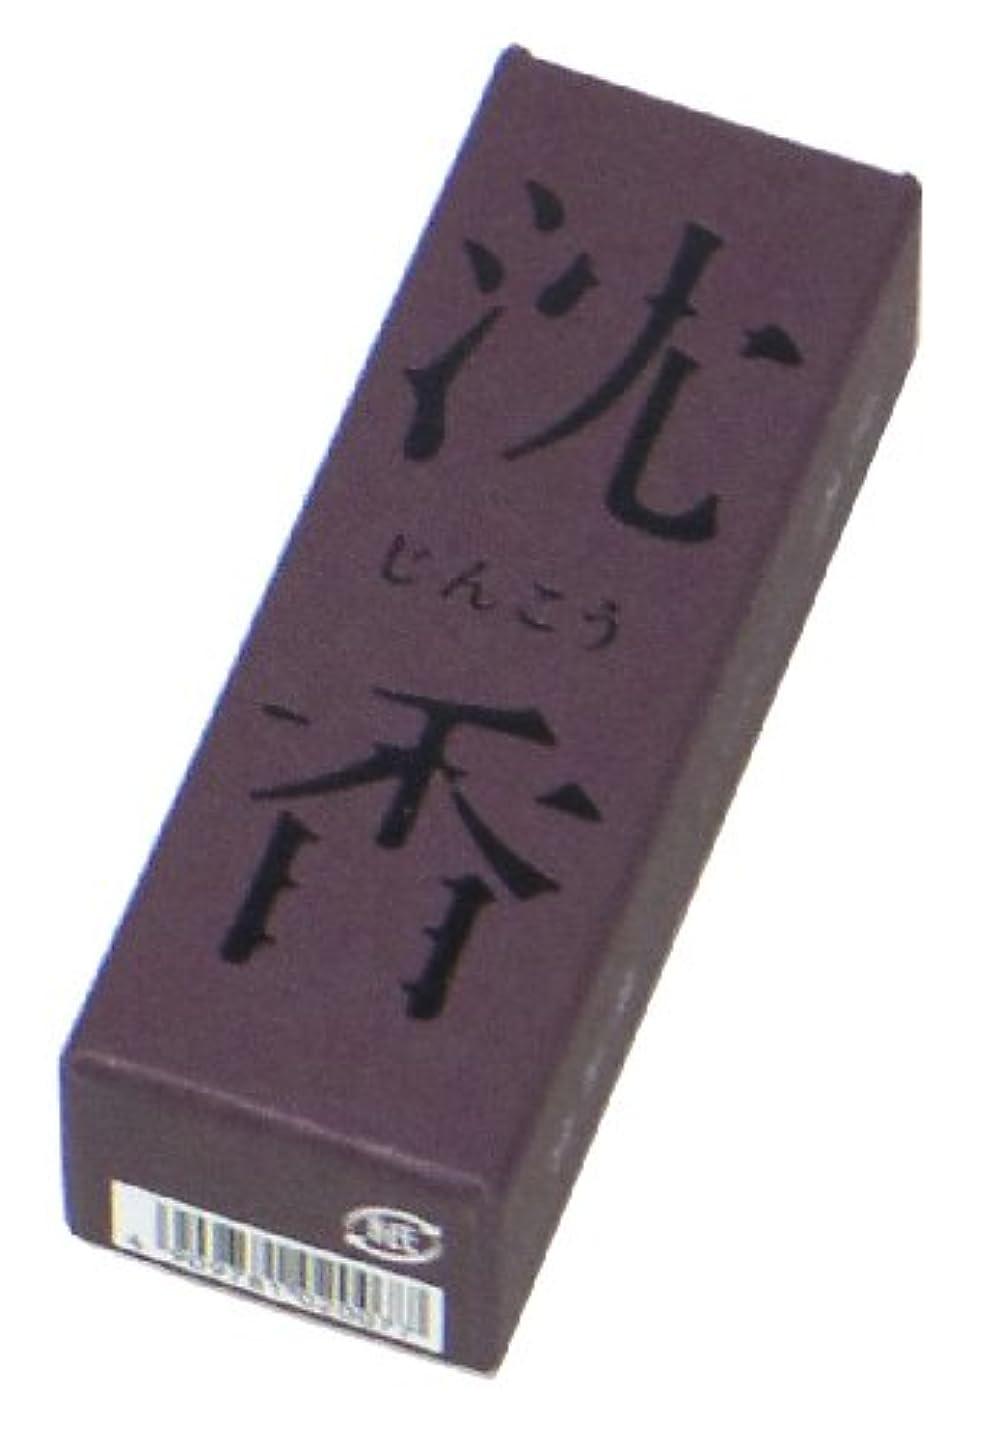 鳩居堂のお香 香木の香り 沈香 20本入 6cm